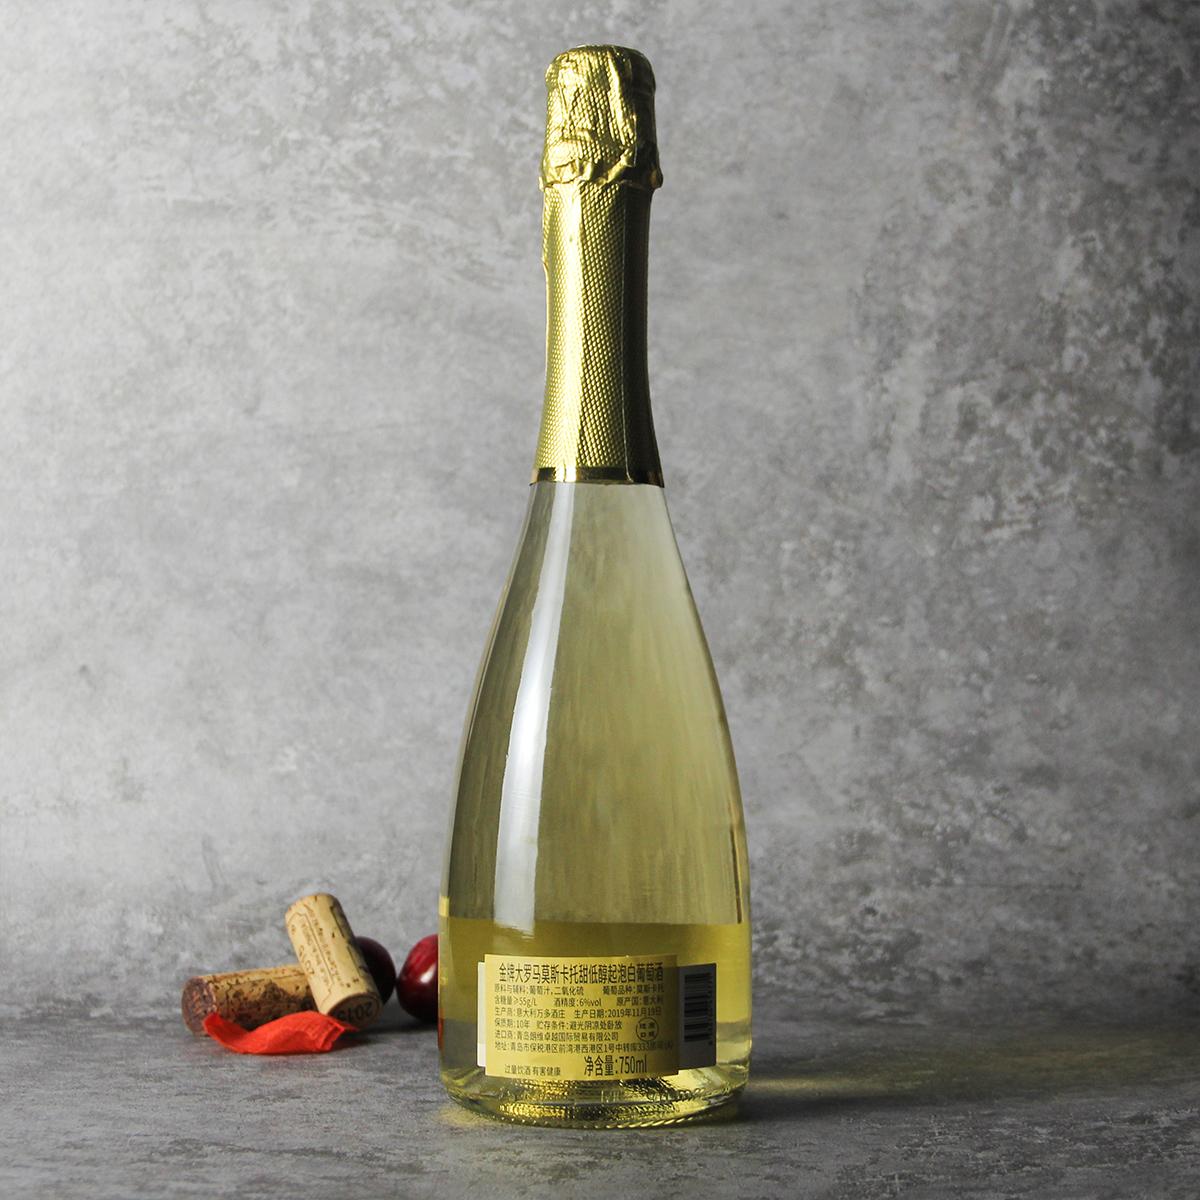 意大利金牌大罗马莫斯卡托甜低醇起泡白葡萄酒